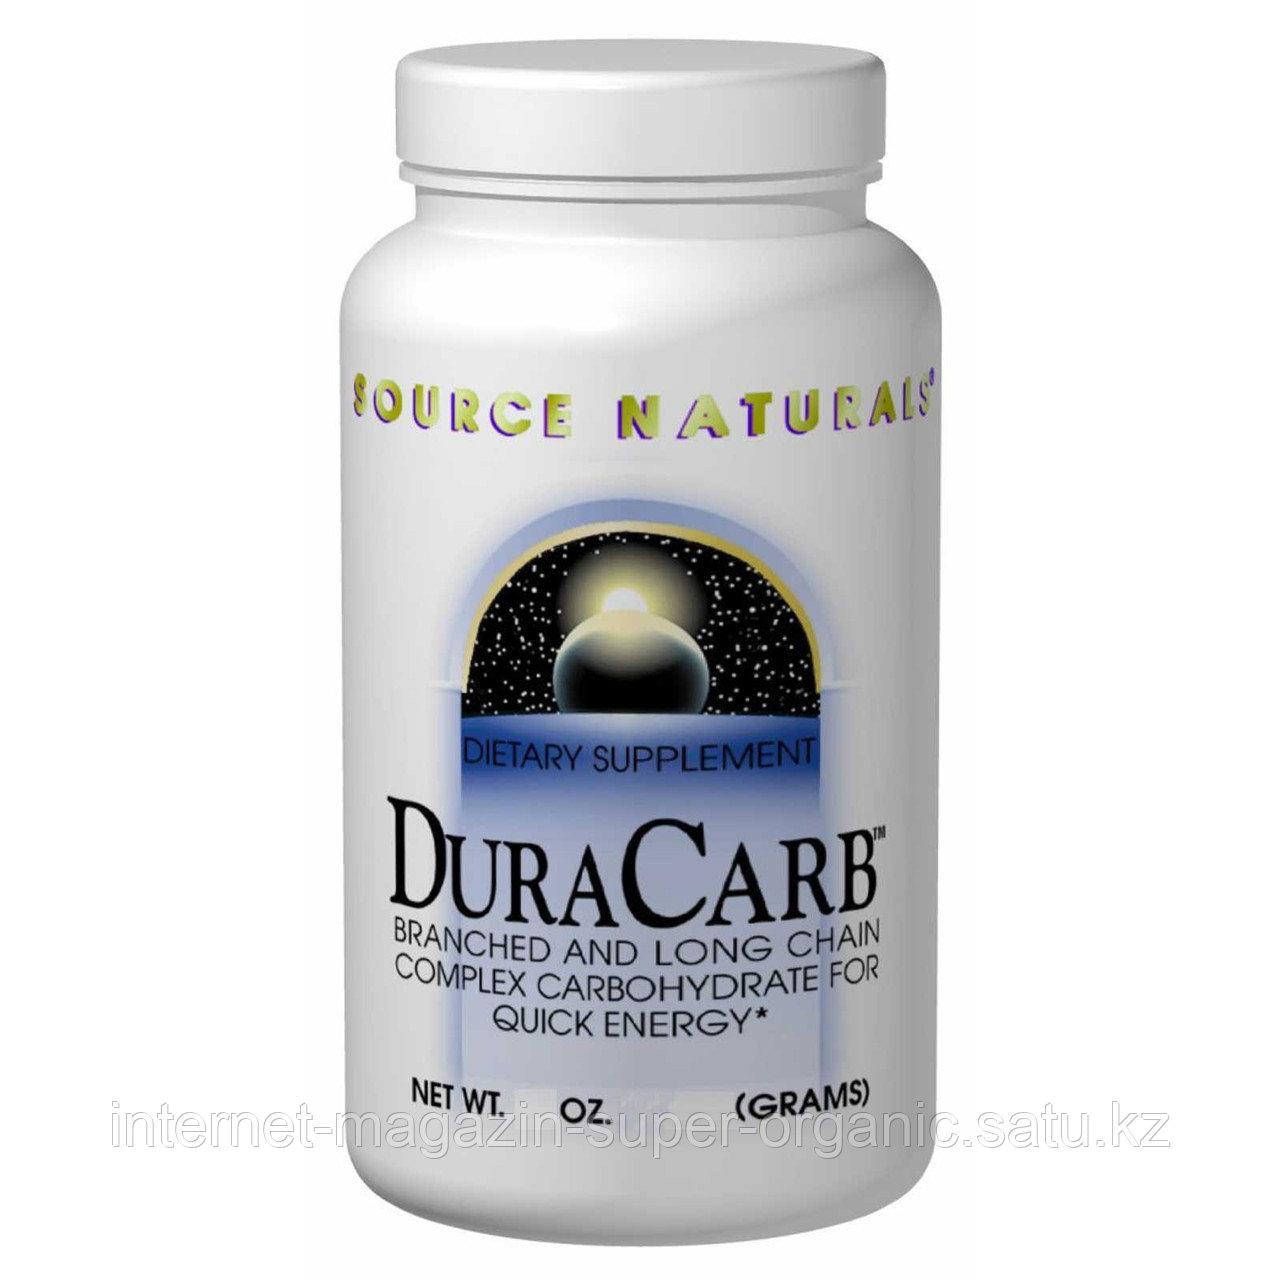 Энергетический напиток (порошок) (Dura Carb), 32 унции (907,2г), Source Naturals